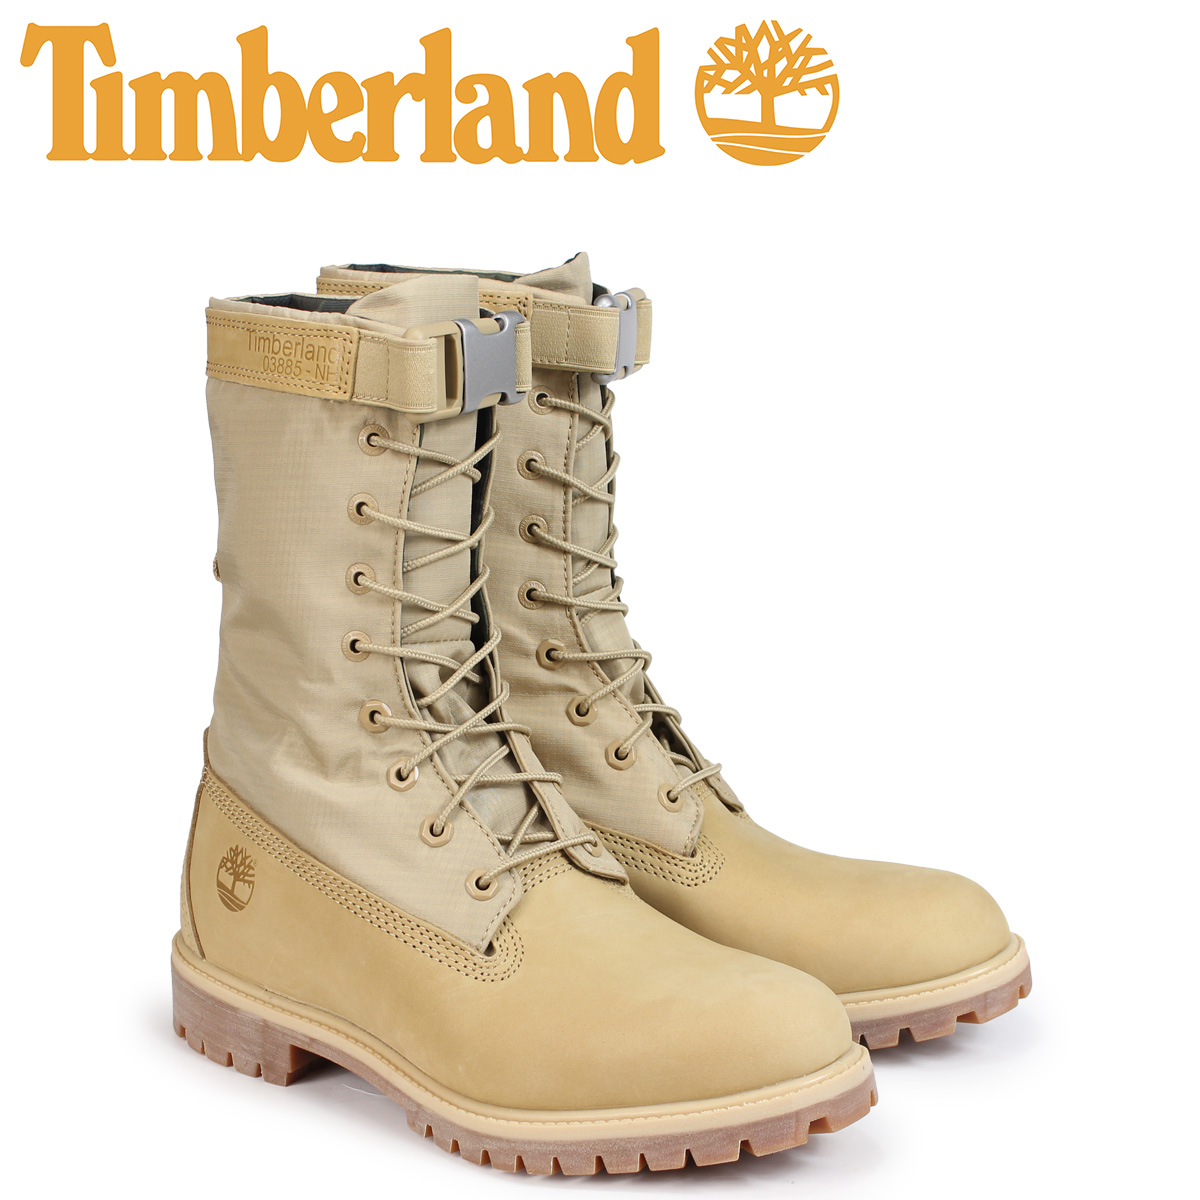 ティンバーランド ブーツ メンズ 6インチ Timberland 6-INCH PREMIUM GAITER BOOTS A1UBE Wワイズ ライトベージュ [10/23 新入荷]